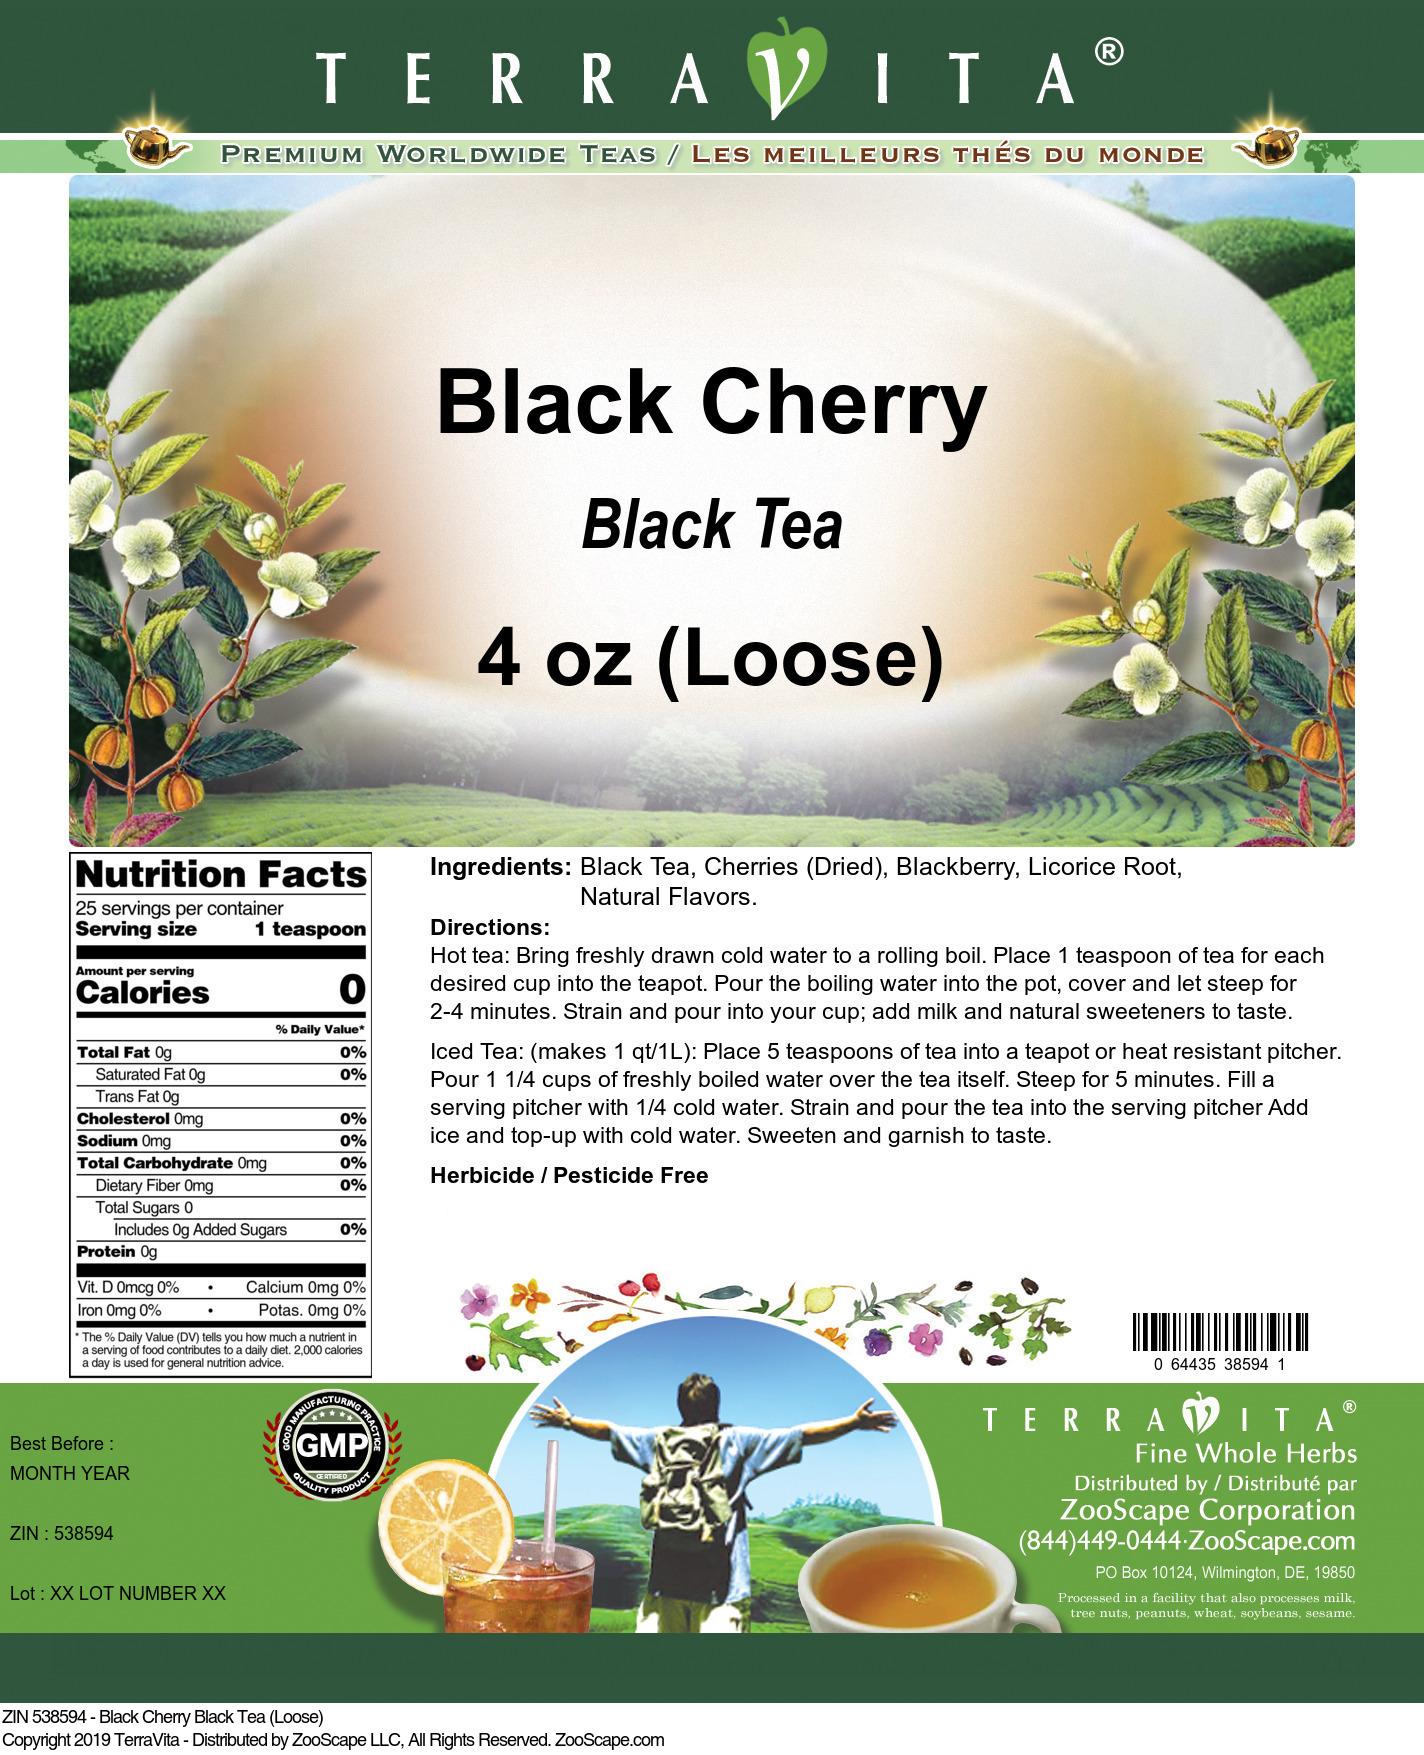 Black Cherry Black Tea (Loose)